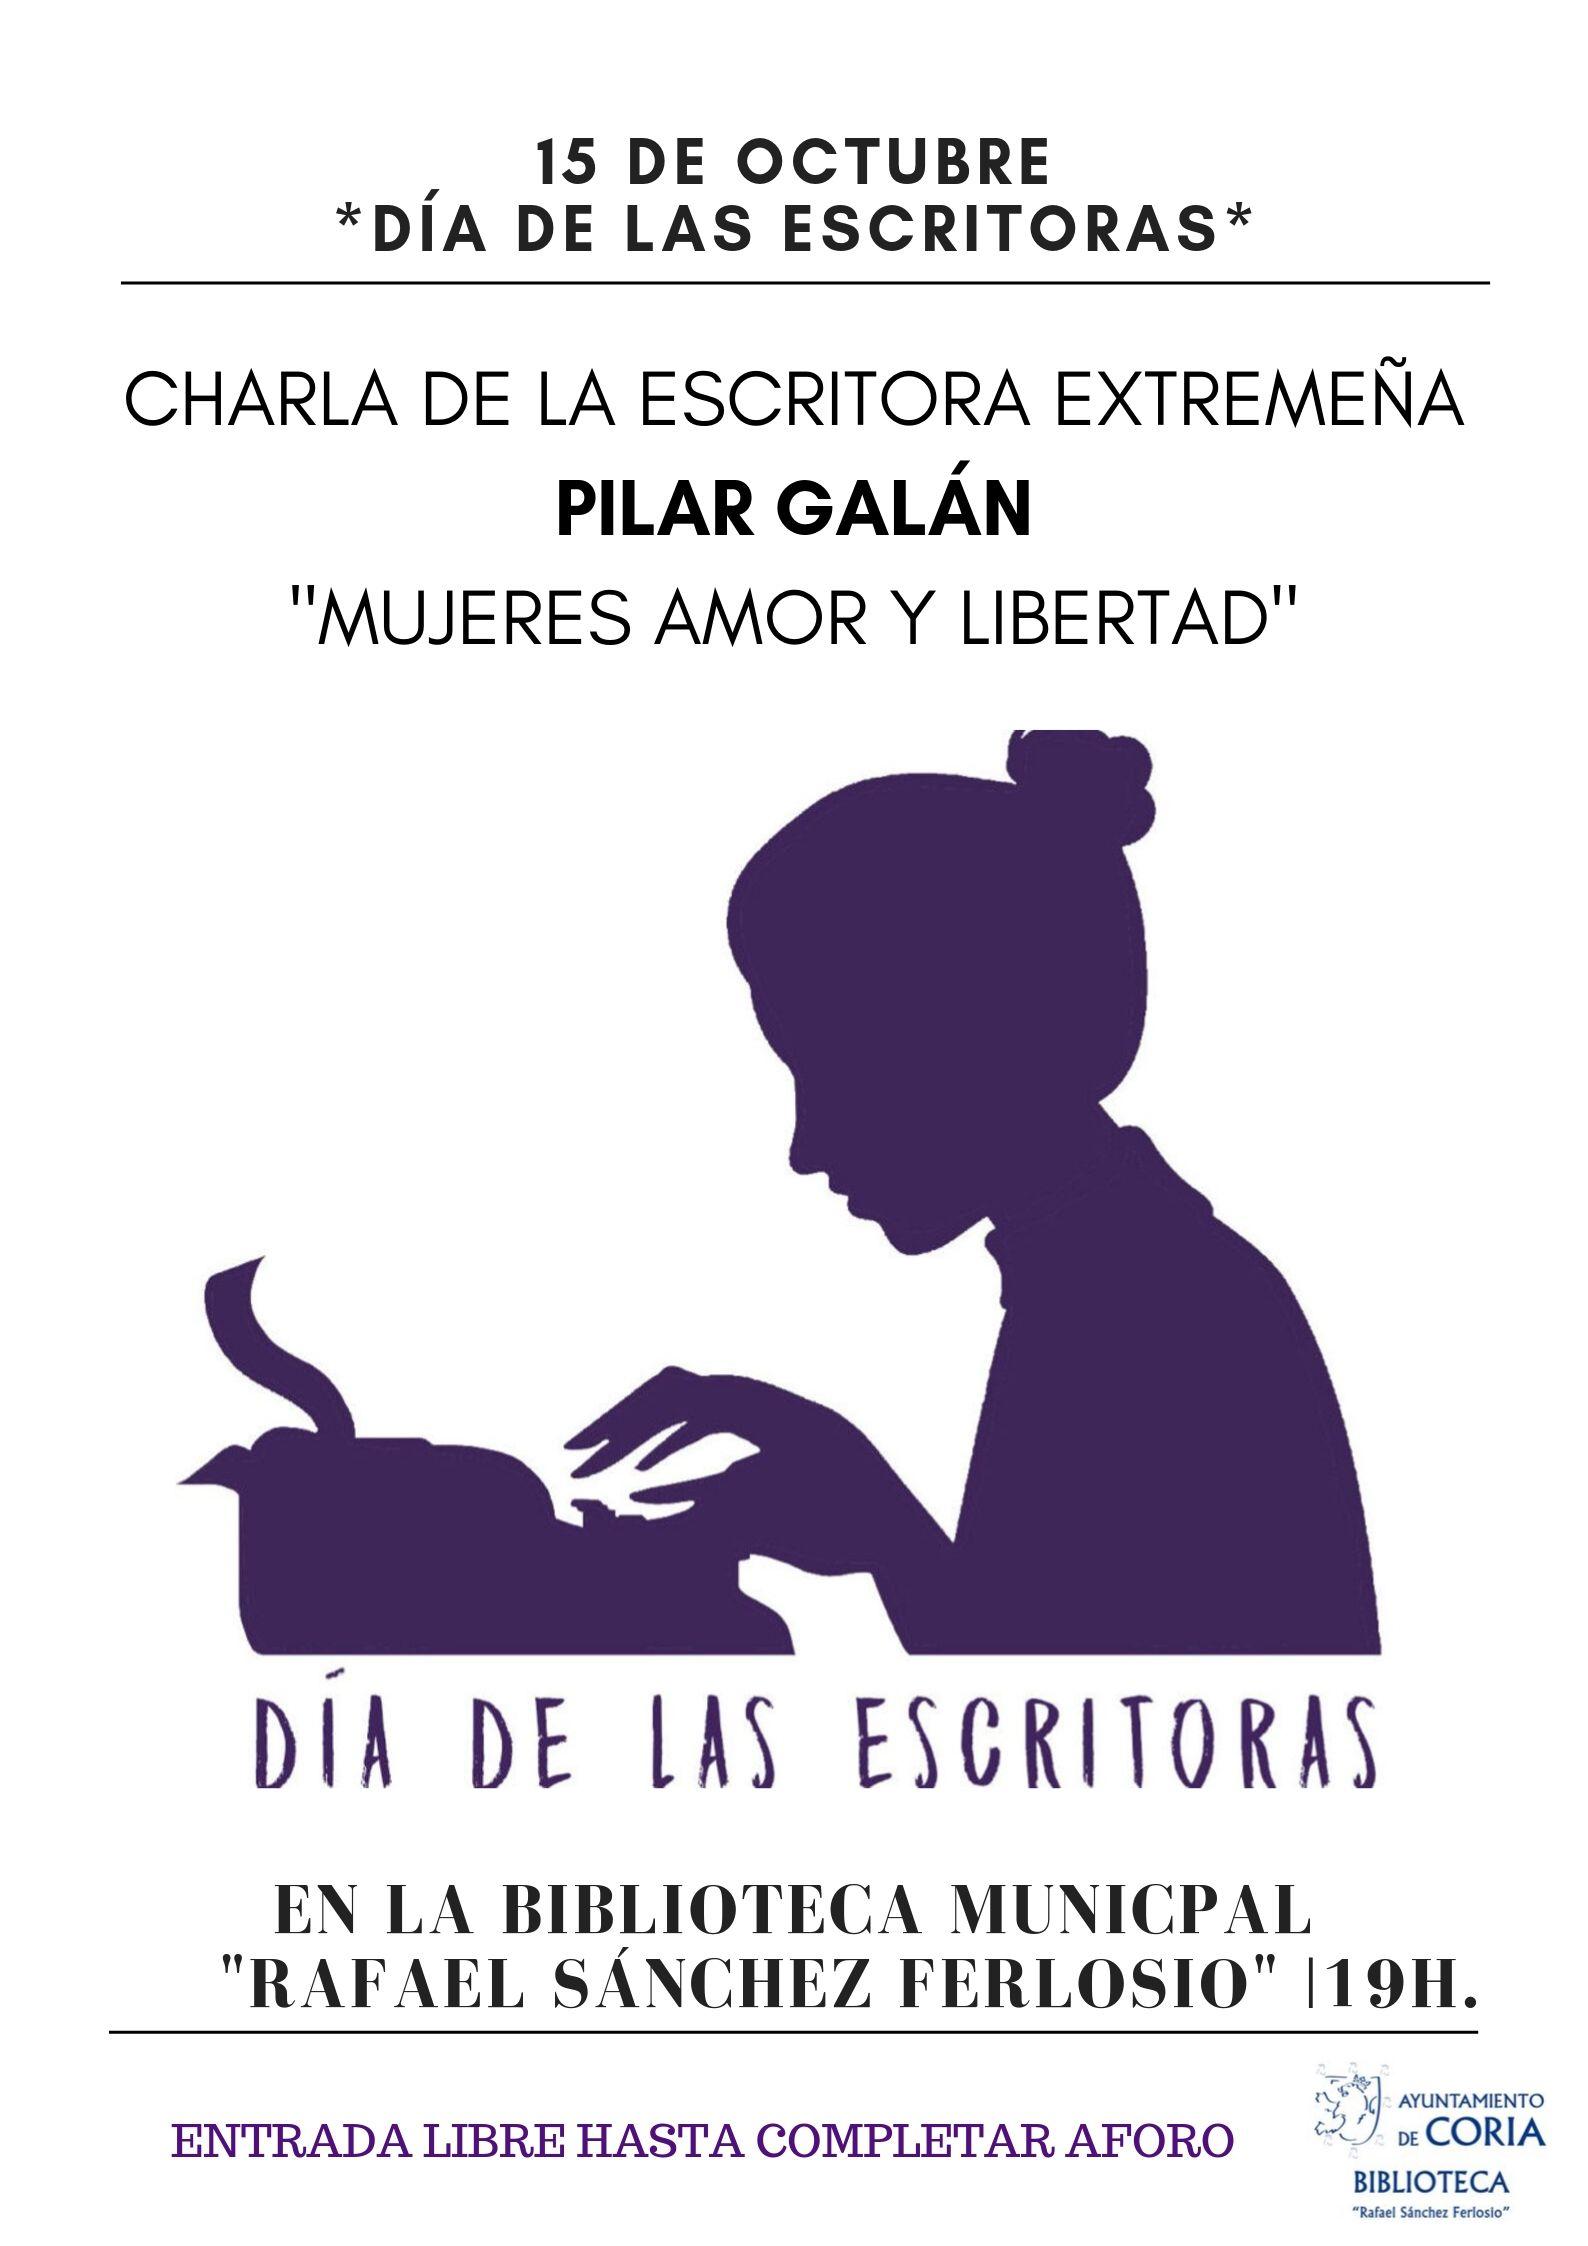 2019 Cartel de la Biblioteca Municipal Ferlosio (Coria - Cáceres)